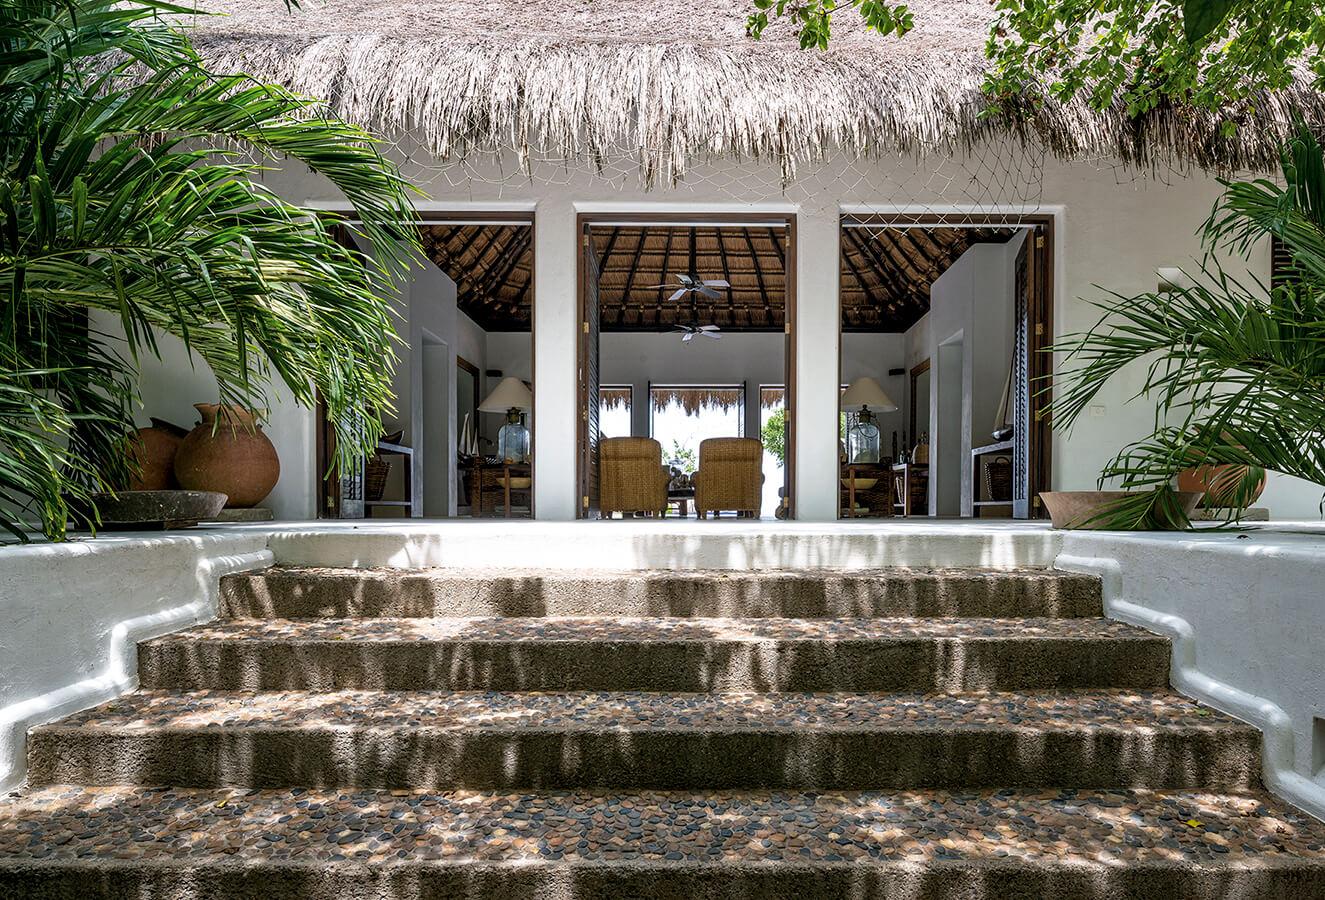 Al cobijo de una gran cubierta de palma vendeaguja aparece un salón que se abre al entorno. El mobiliario y los objetos responden a una estética que se sintoniza con la cultura material de la región.